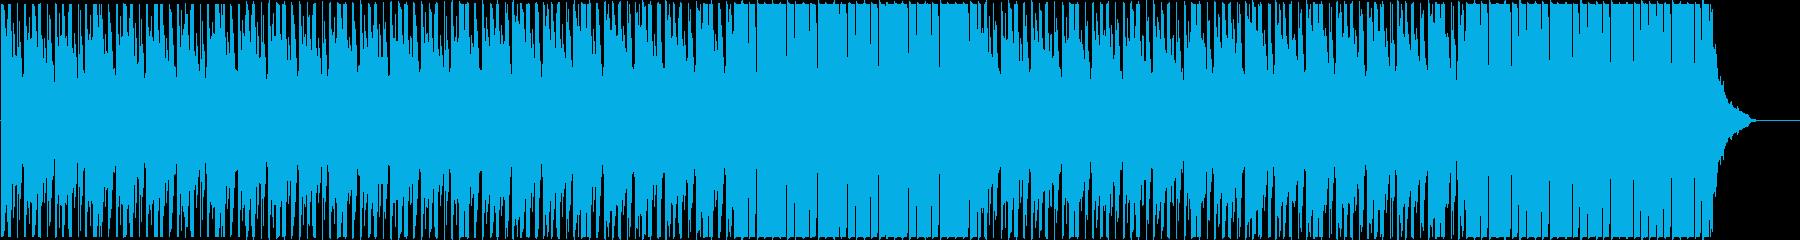 企業VPに 幻想的・幸福 ピアノメインの再生済みの波形